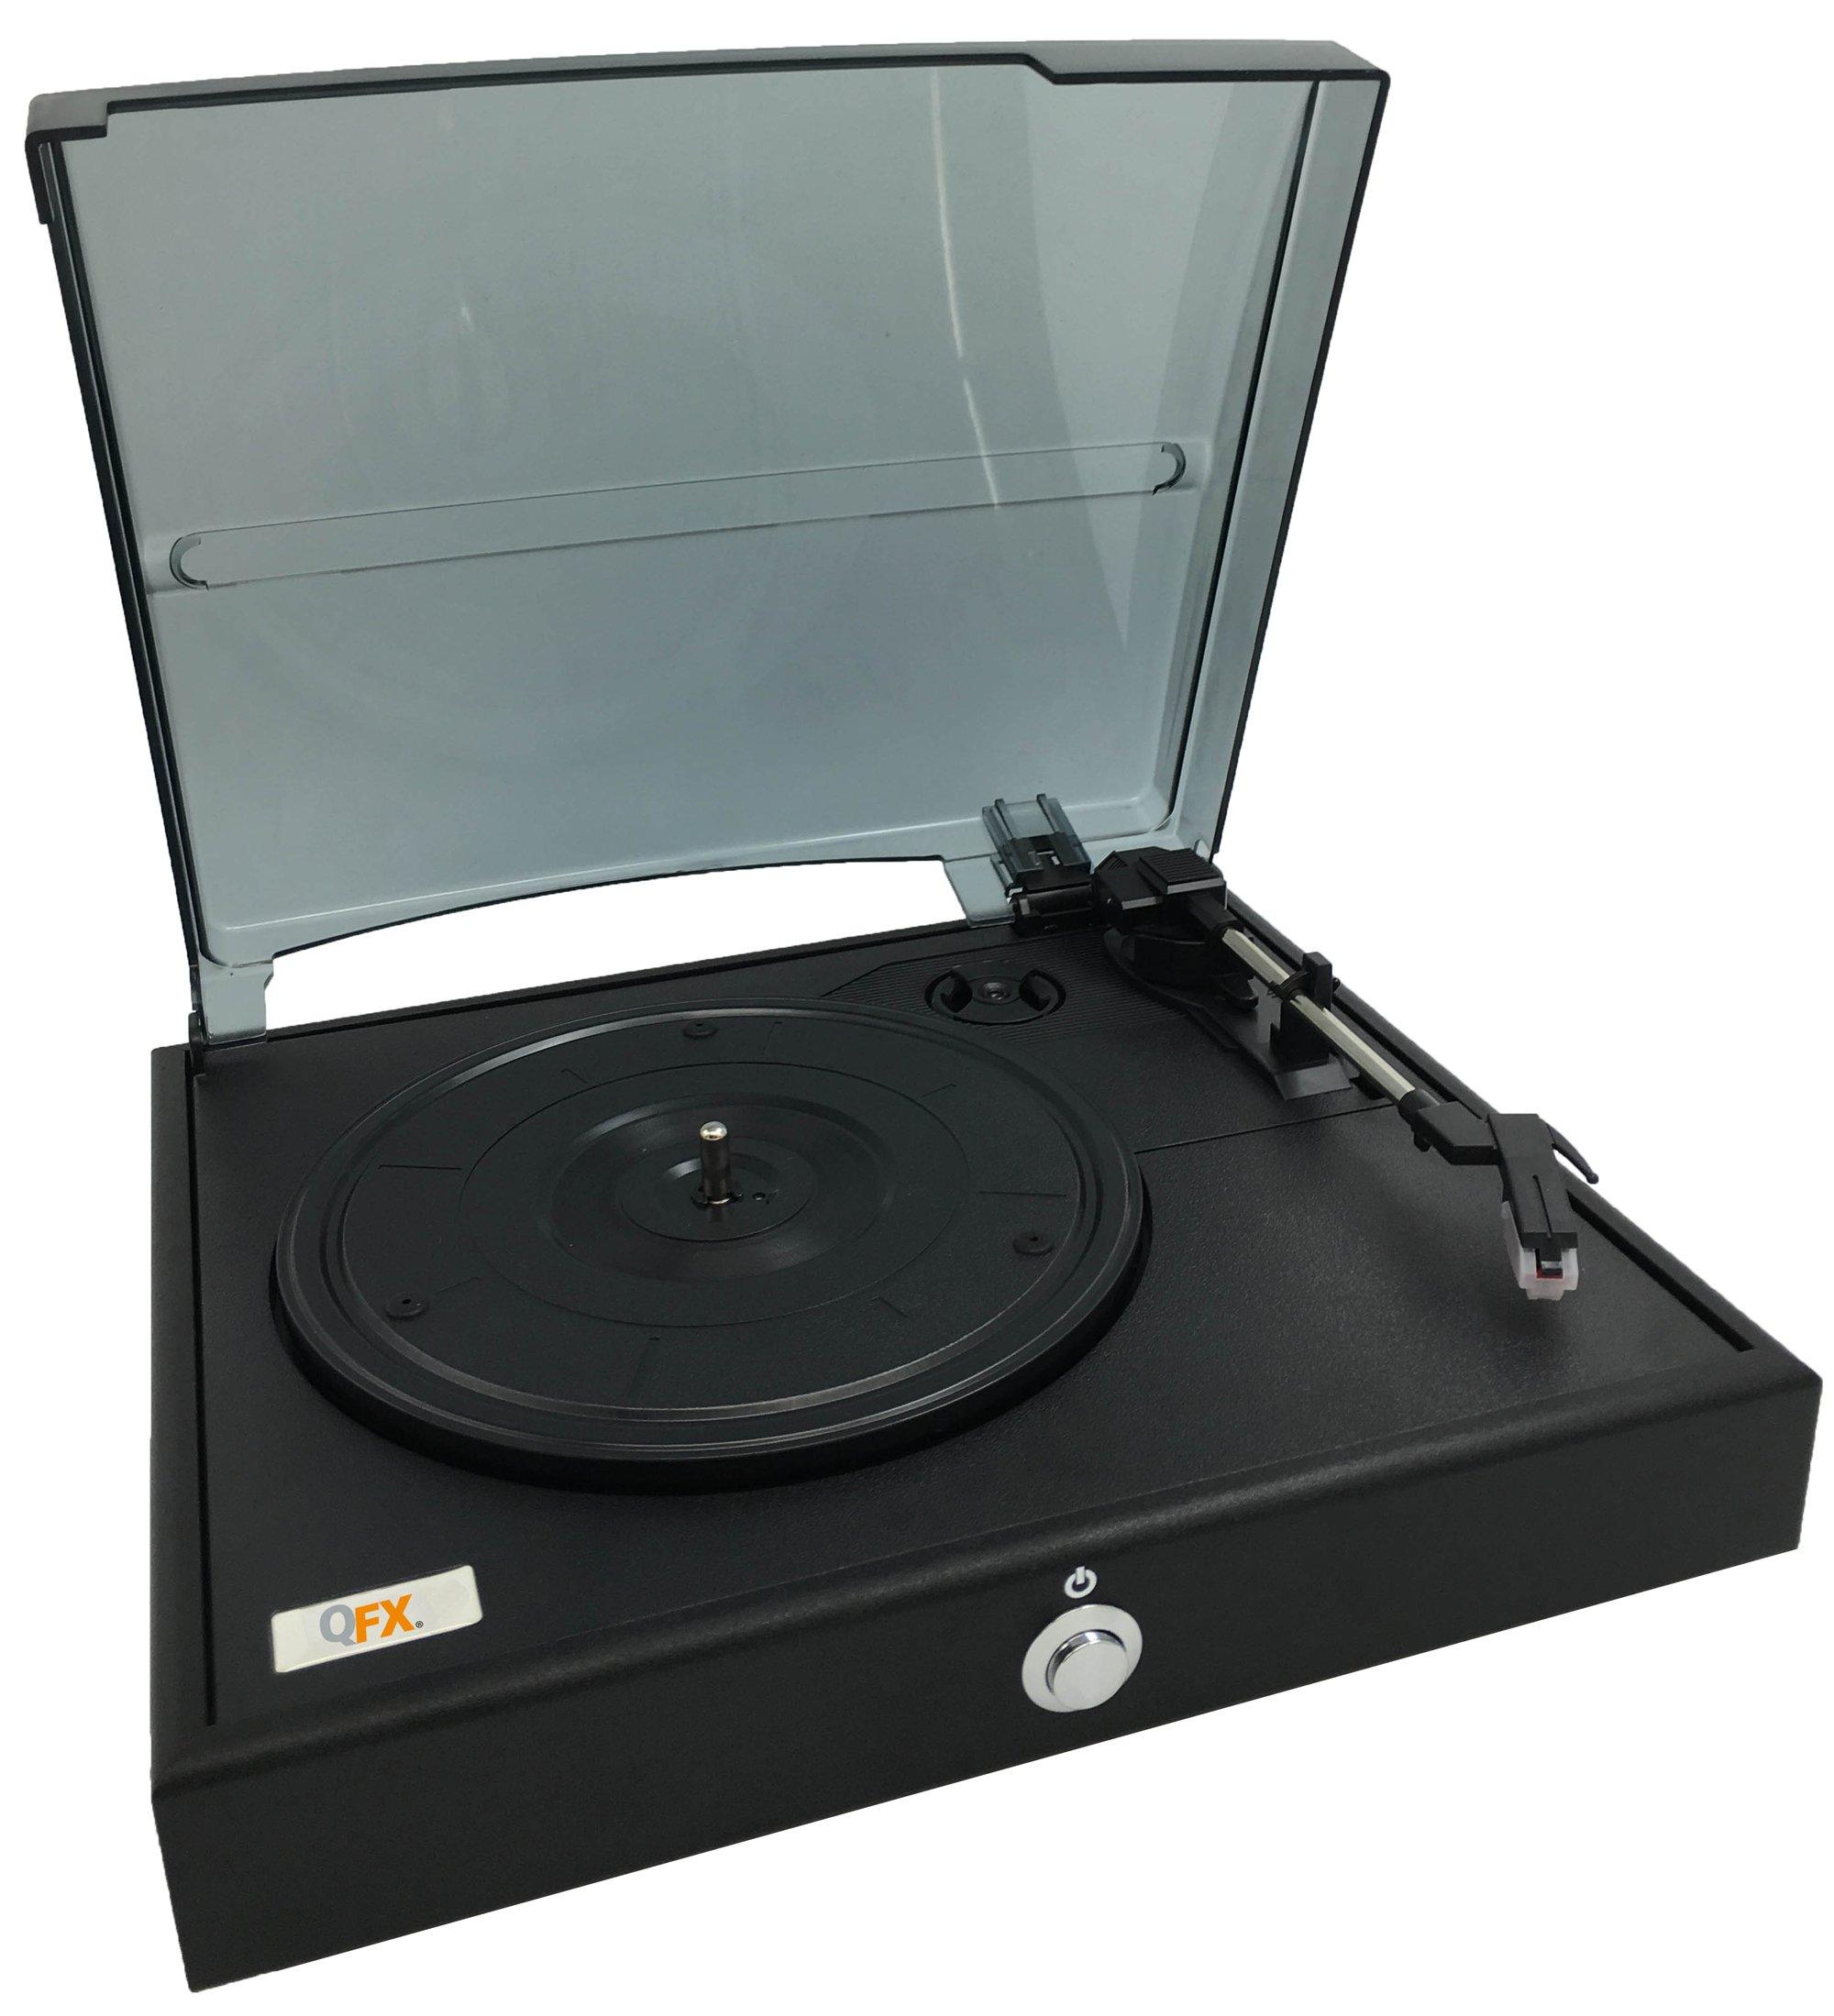 QFX Retro Turntable,Black (TURN-80) by QFX